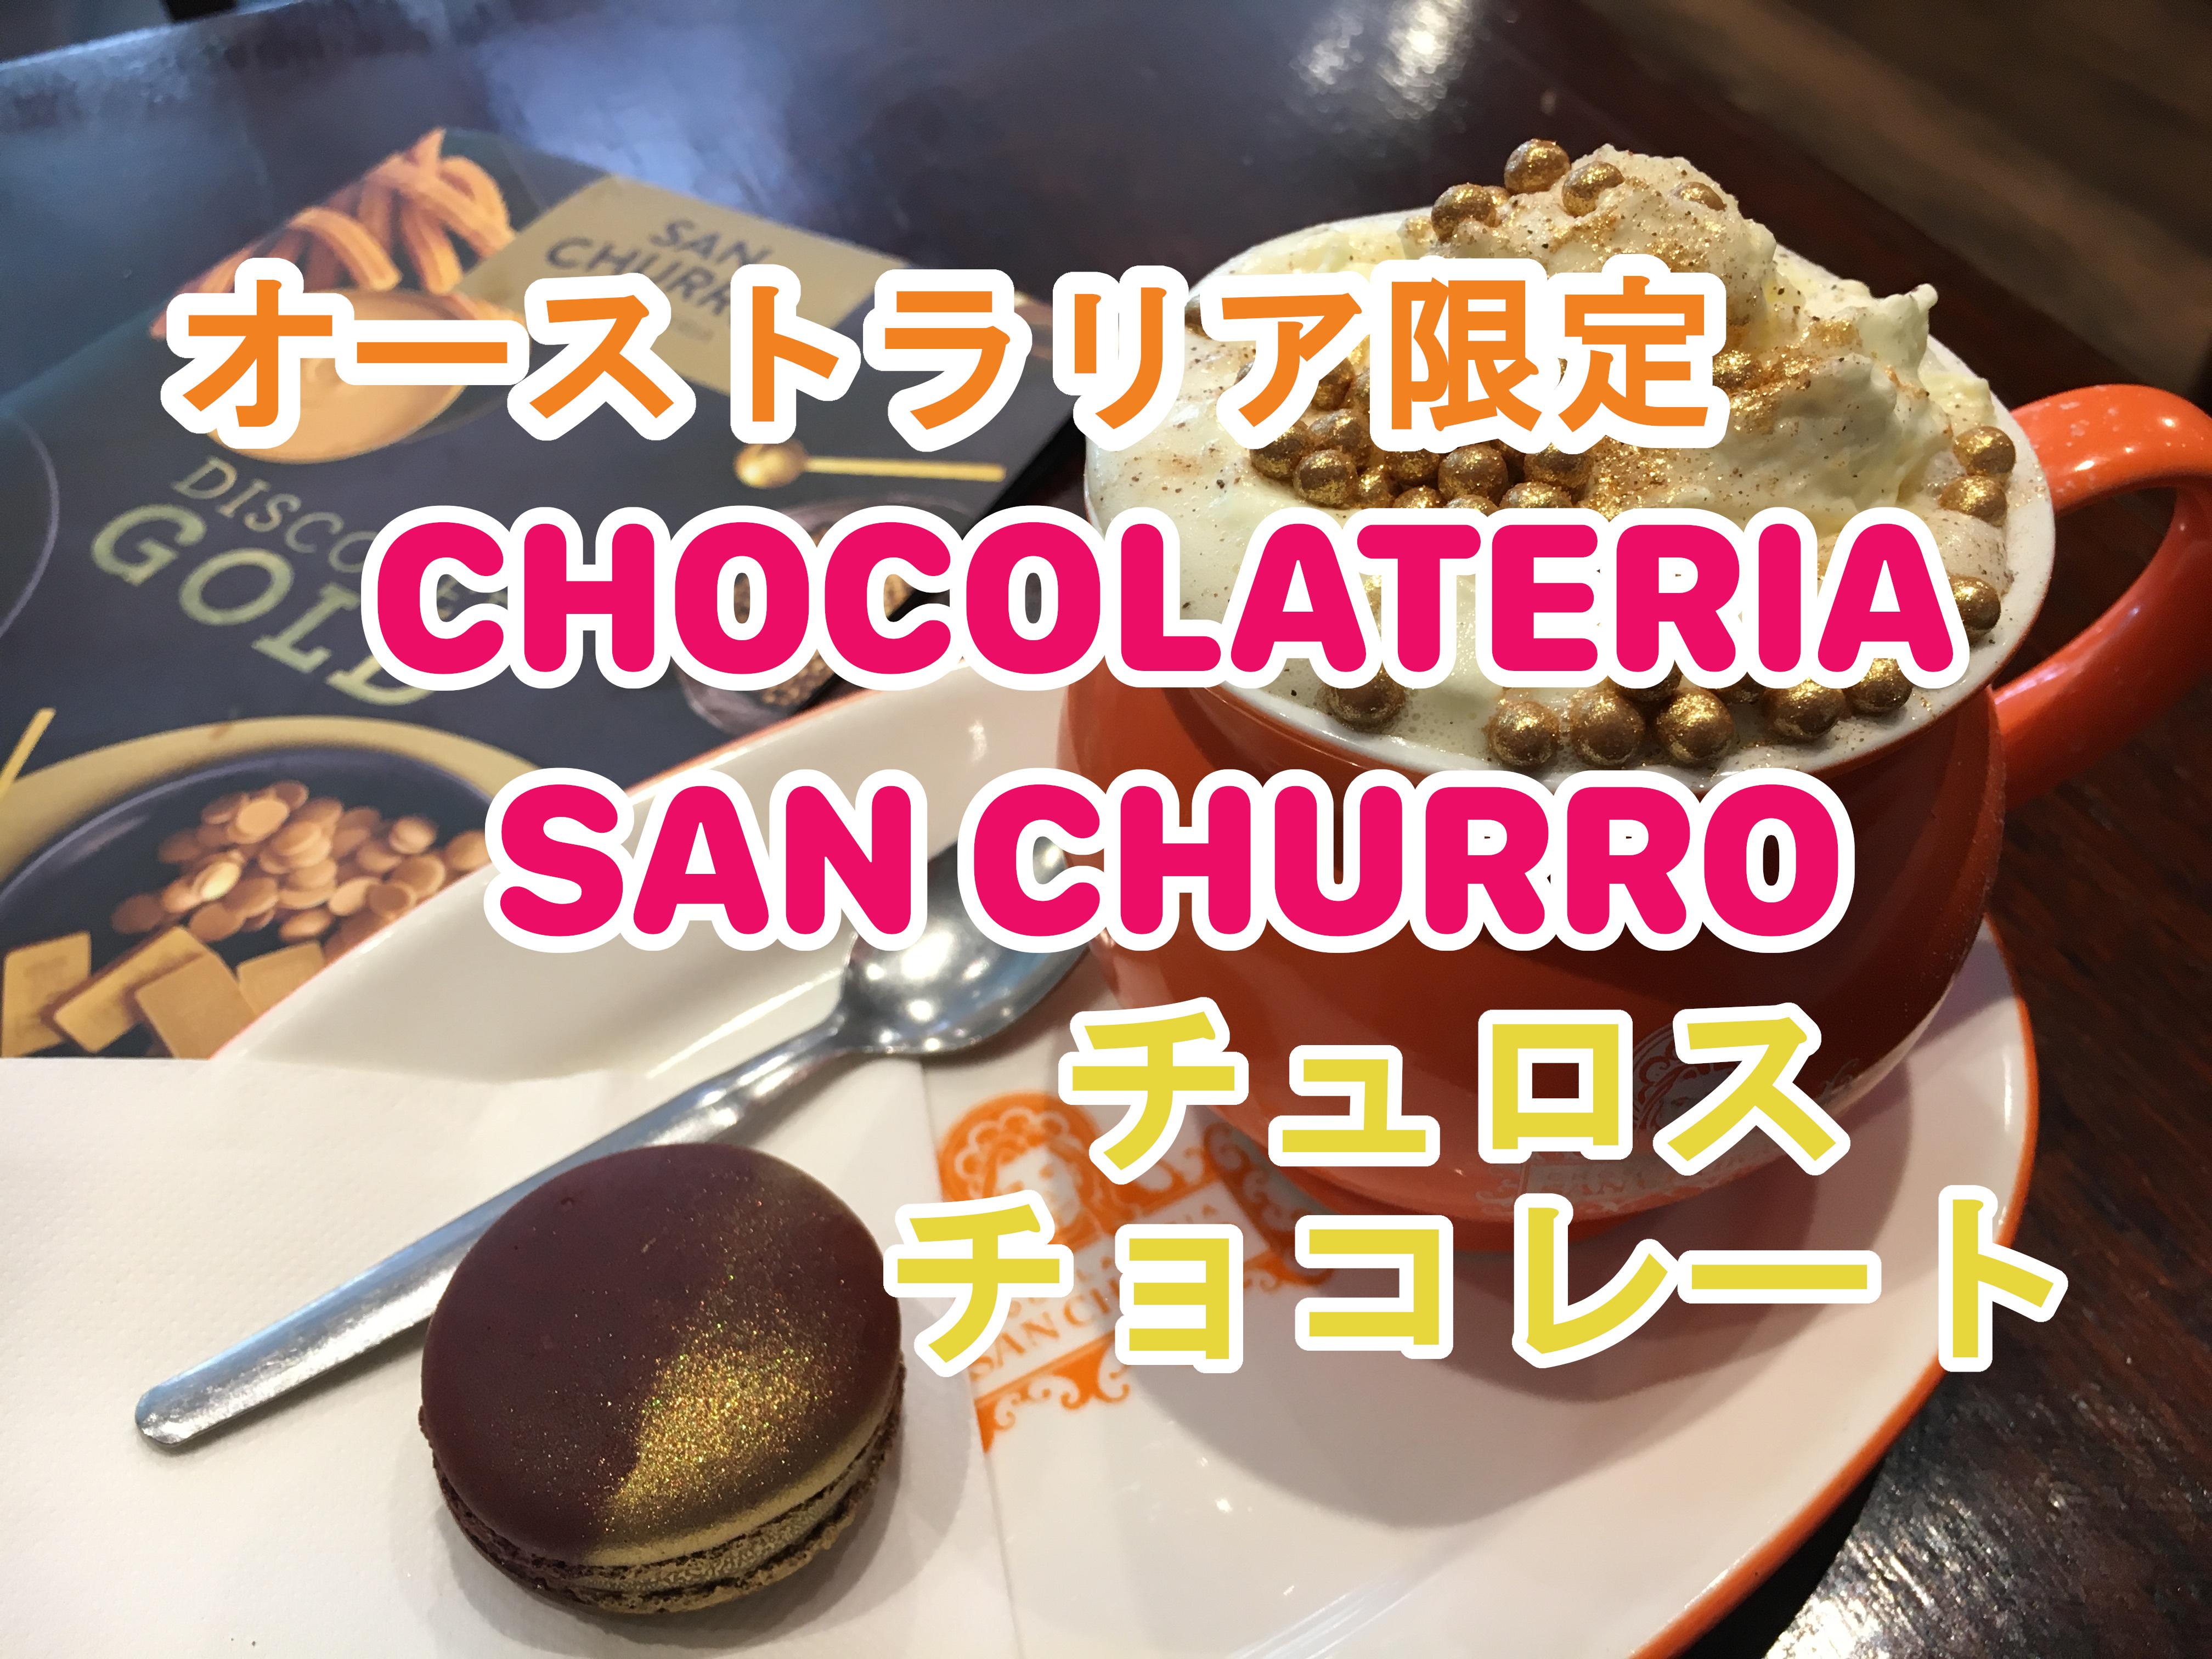 オーストラリア限定のsan churro